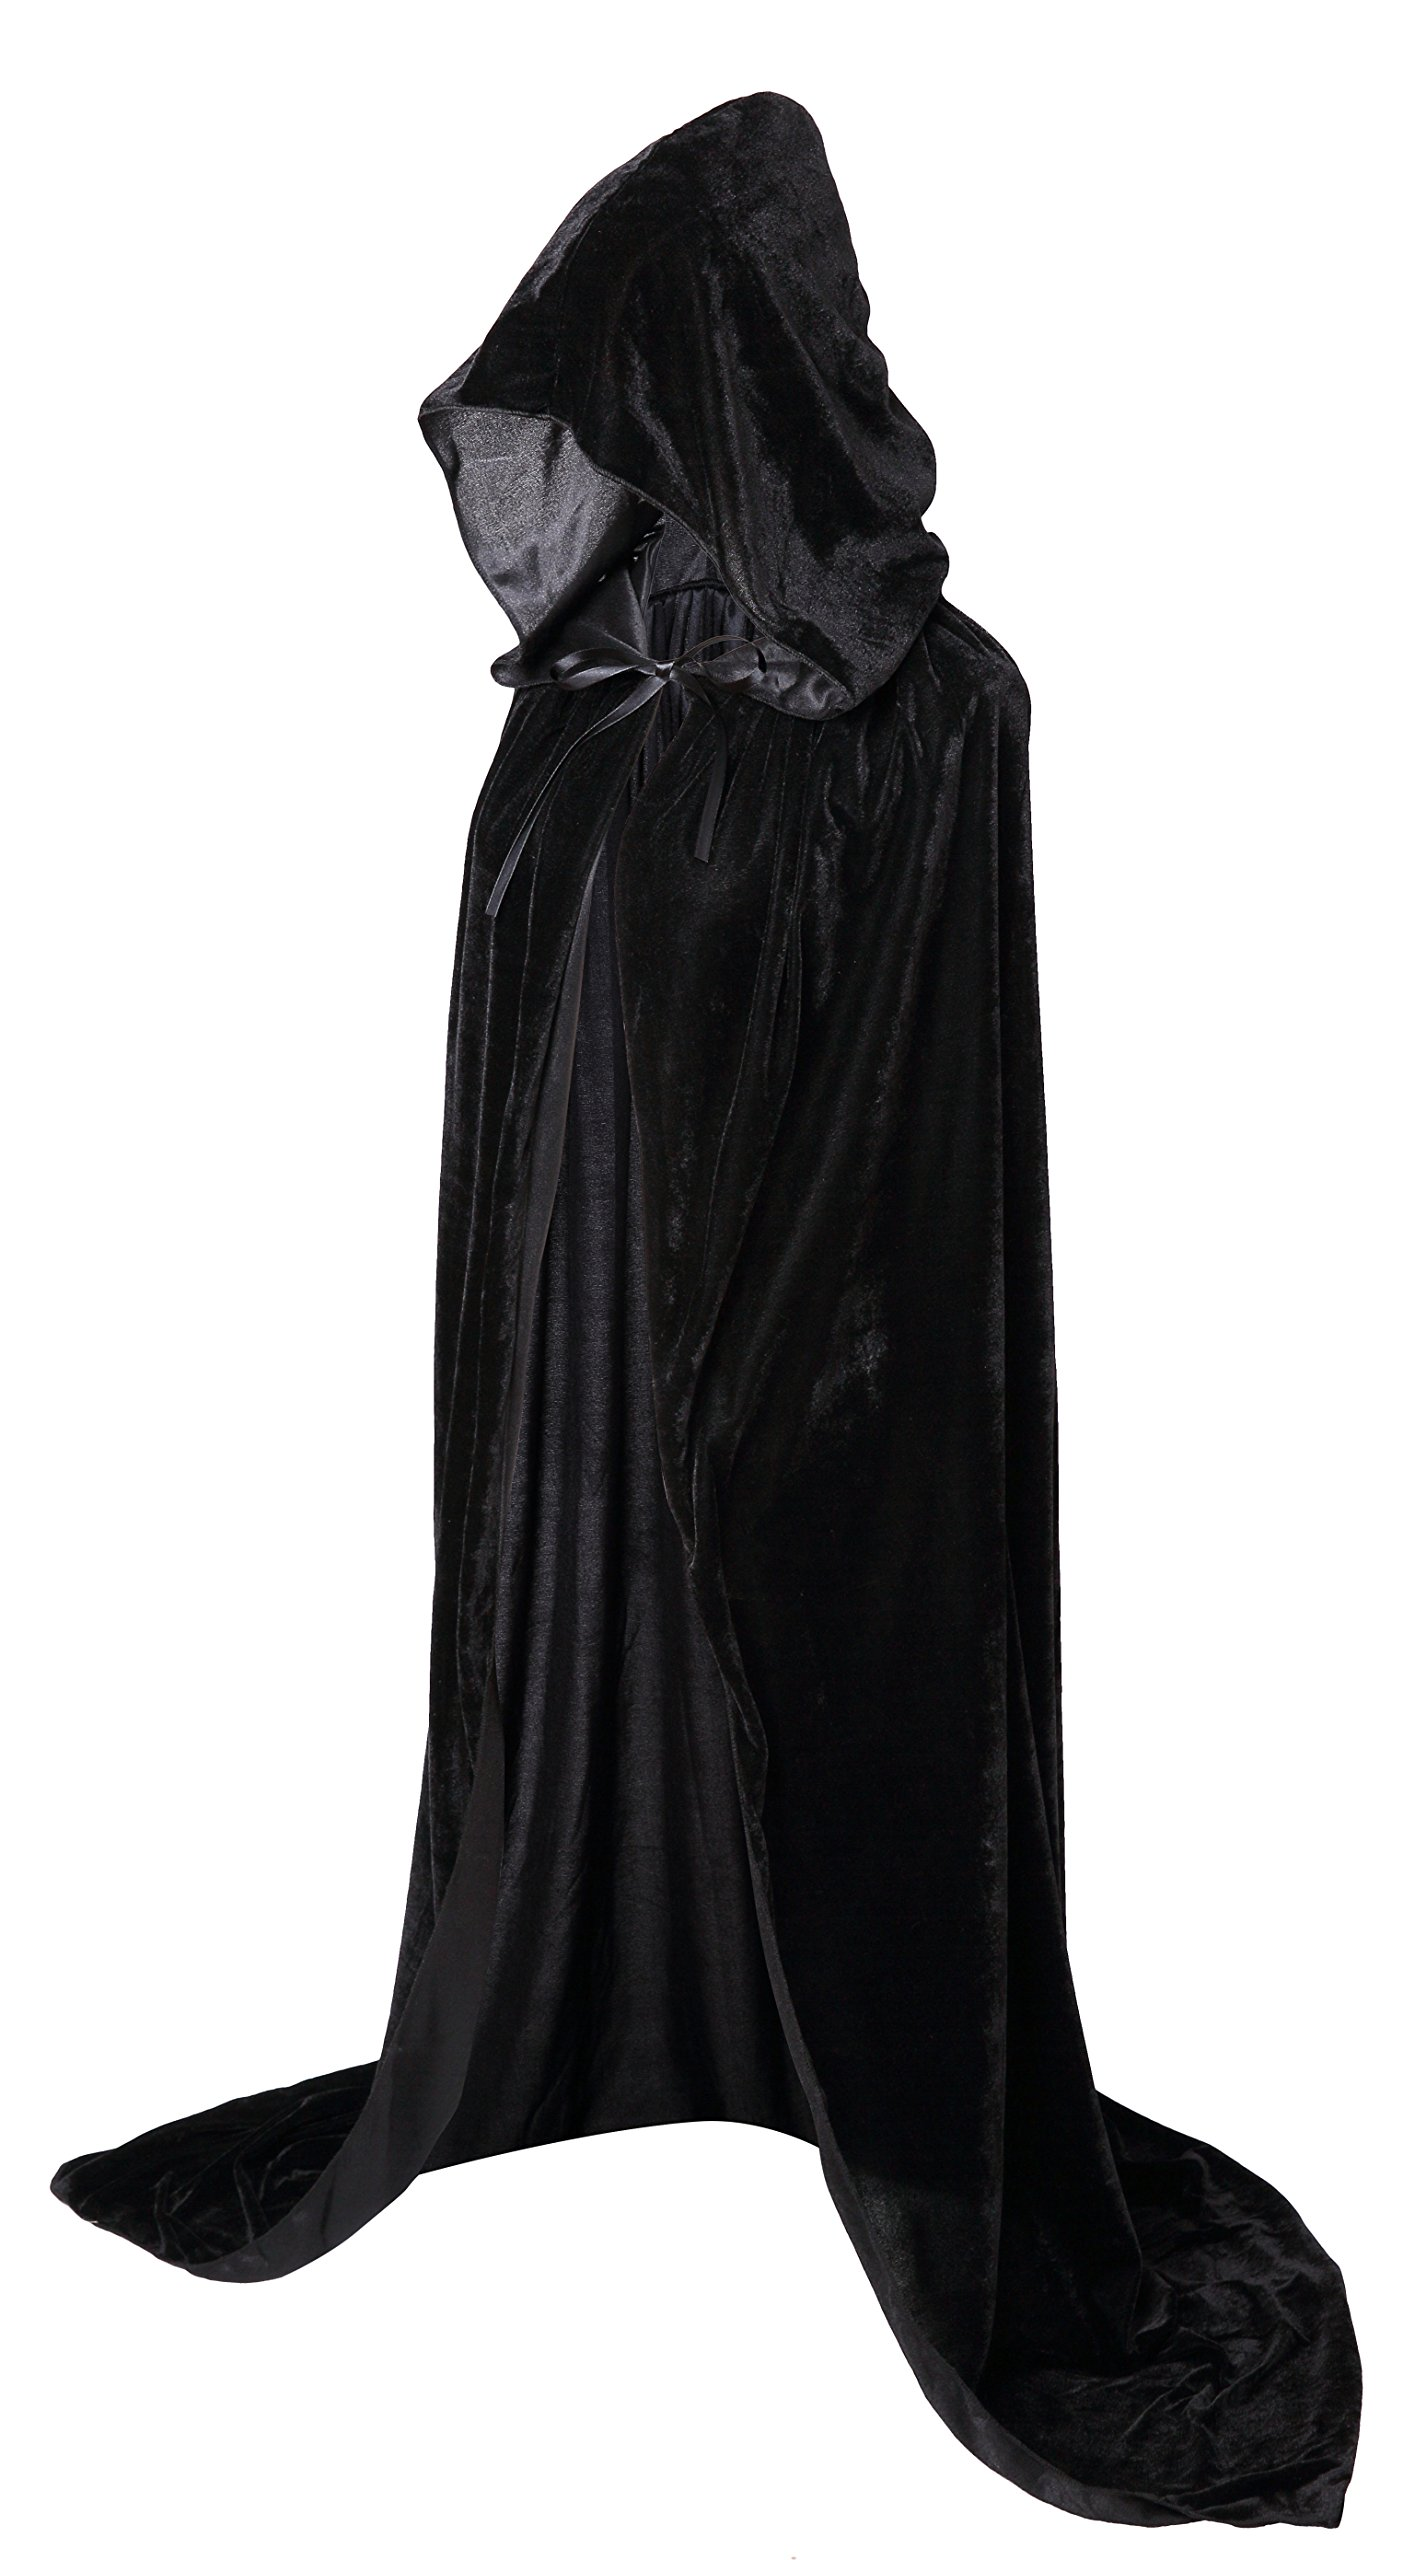 VGLOOK Full Length Hooded Cloak Long Velvet Cape for Christmas Halloween Cosplay Costumes 59'' Black